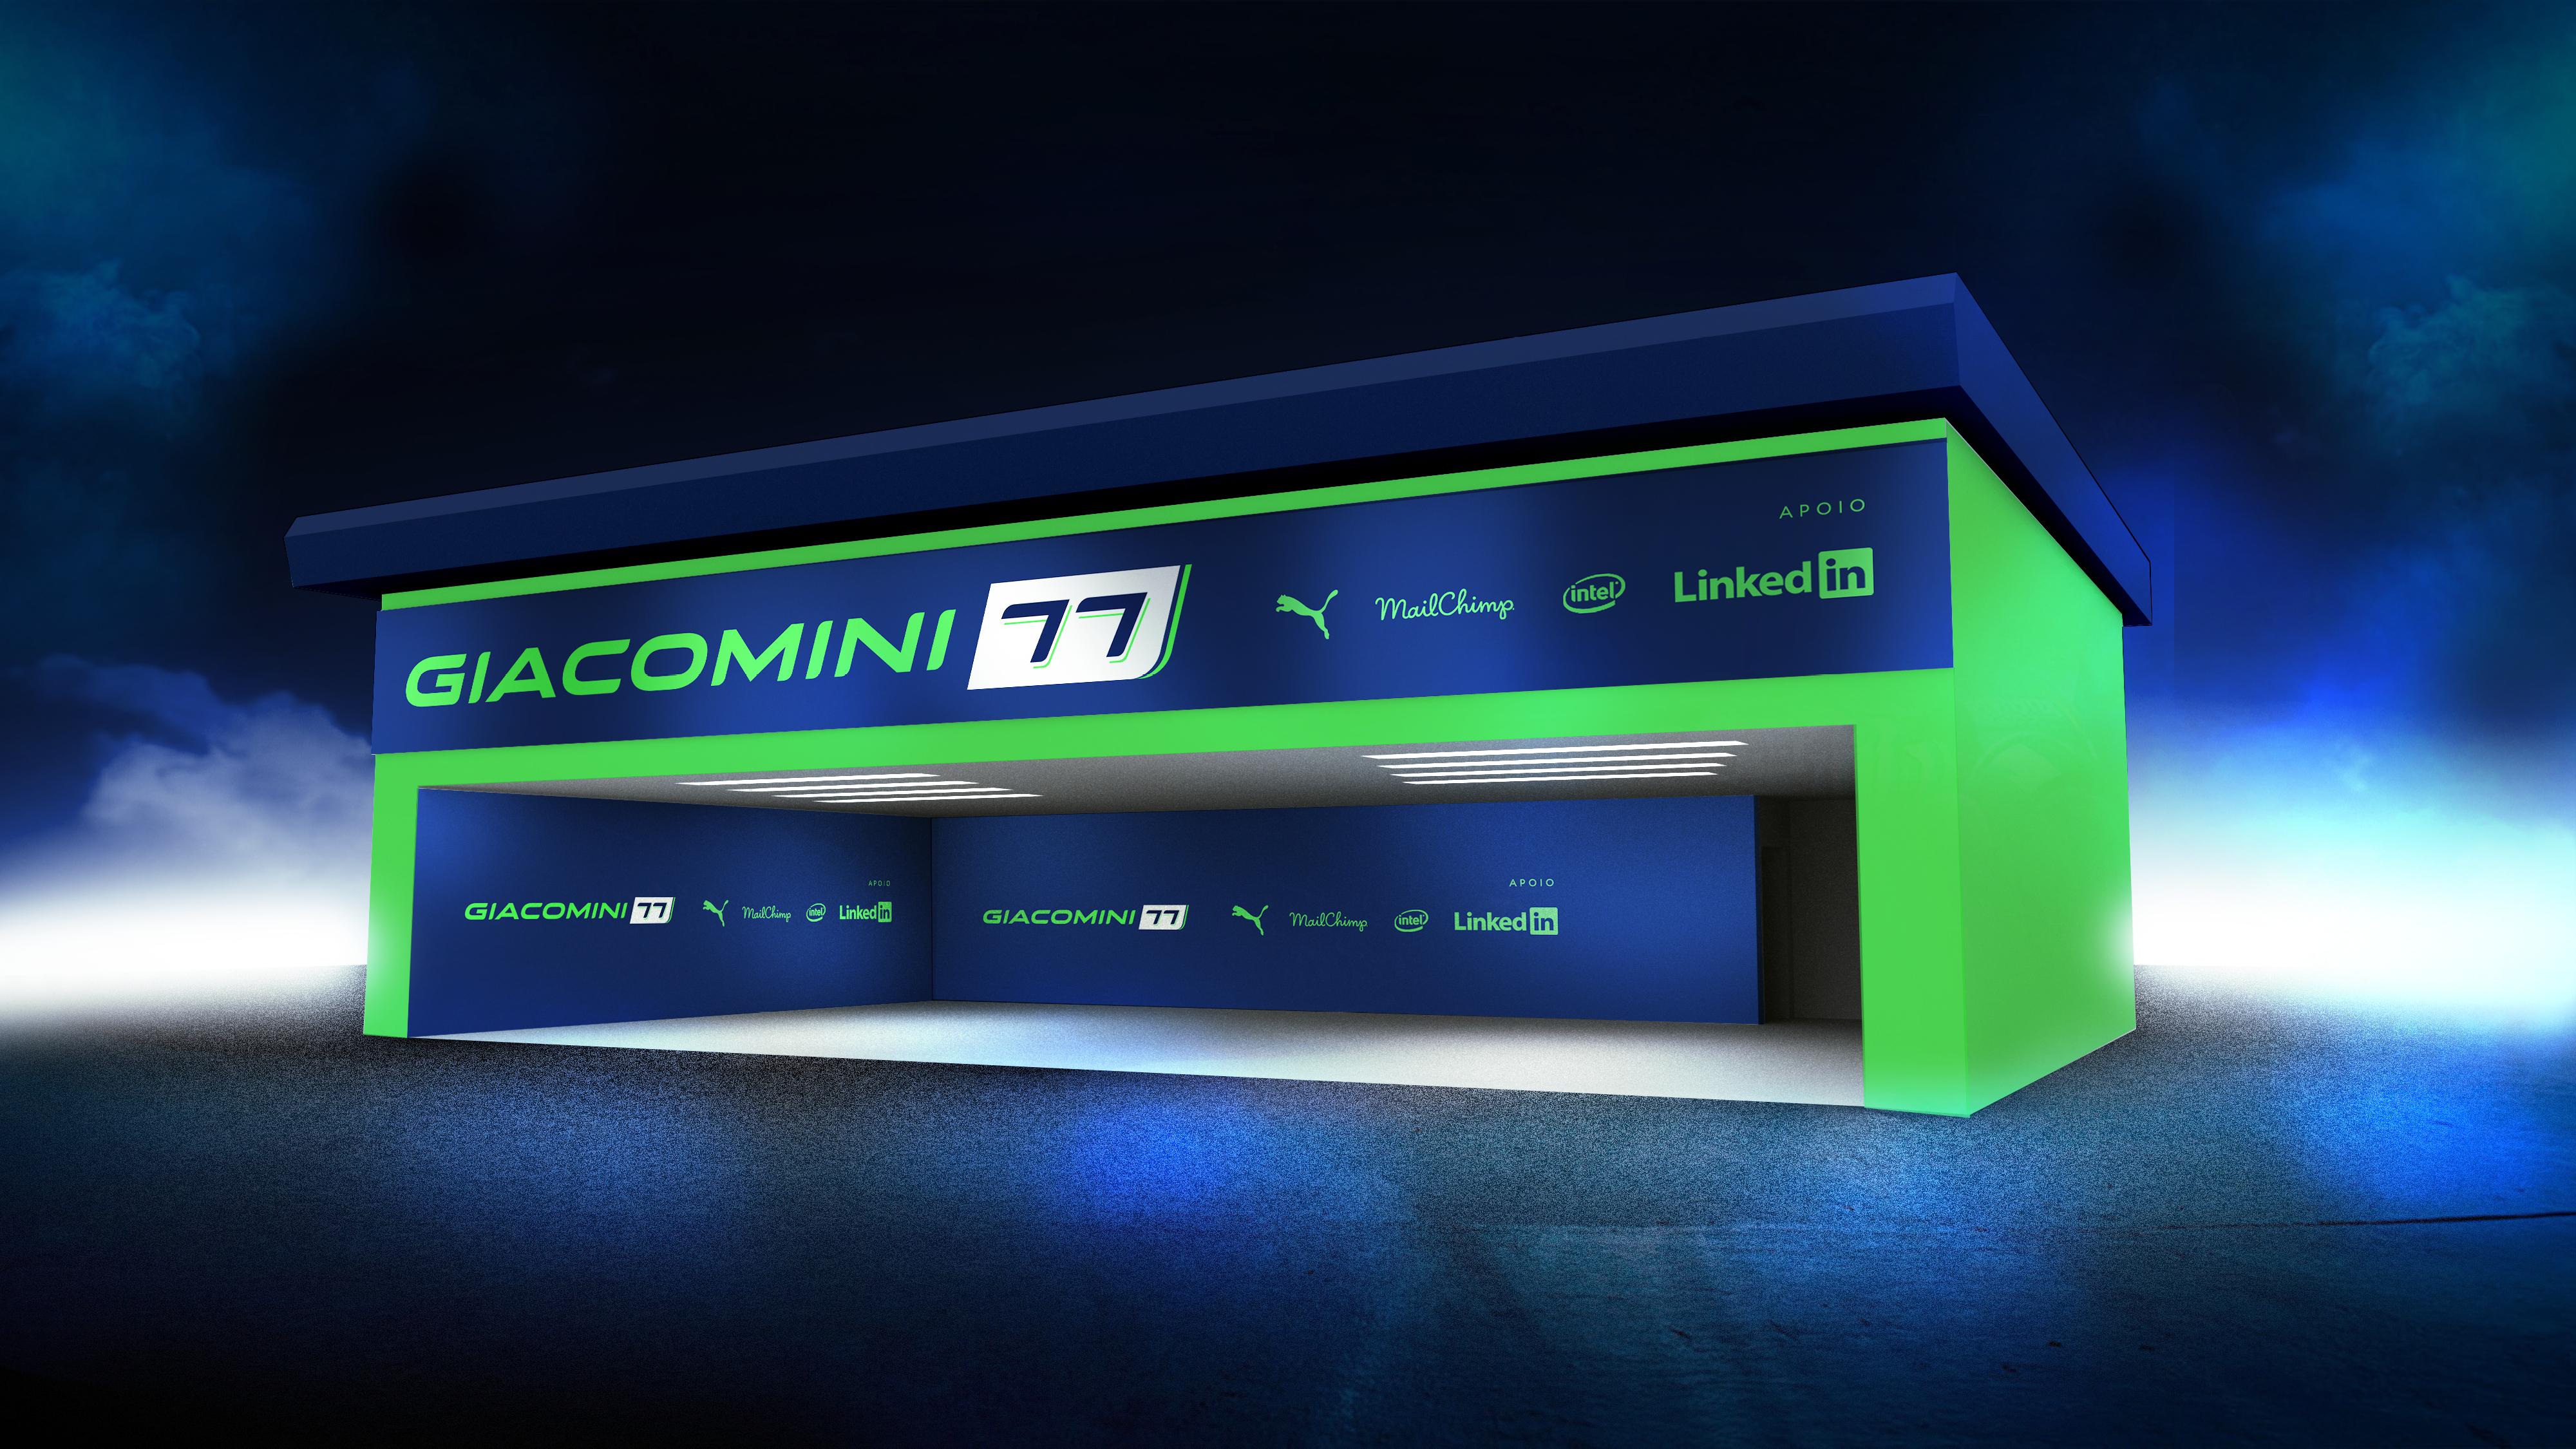 201800201 Branding Rodrigo Giacomini 77 - Identidade - Novo Macacão12